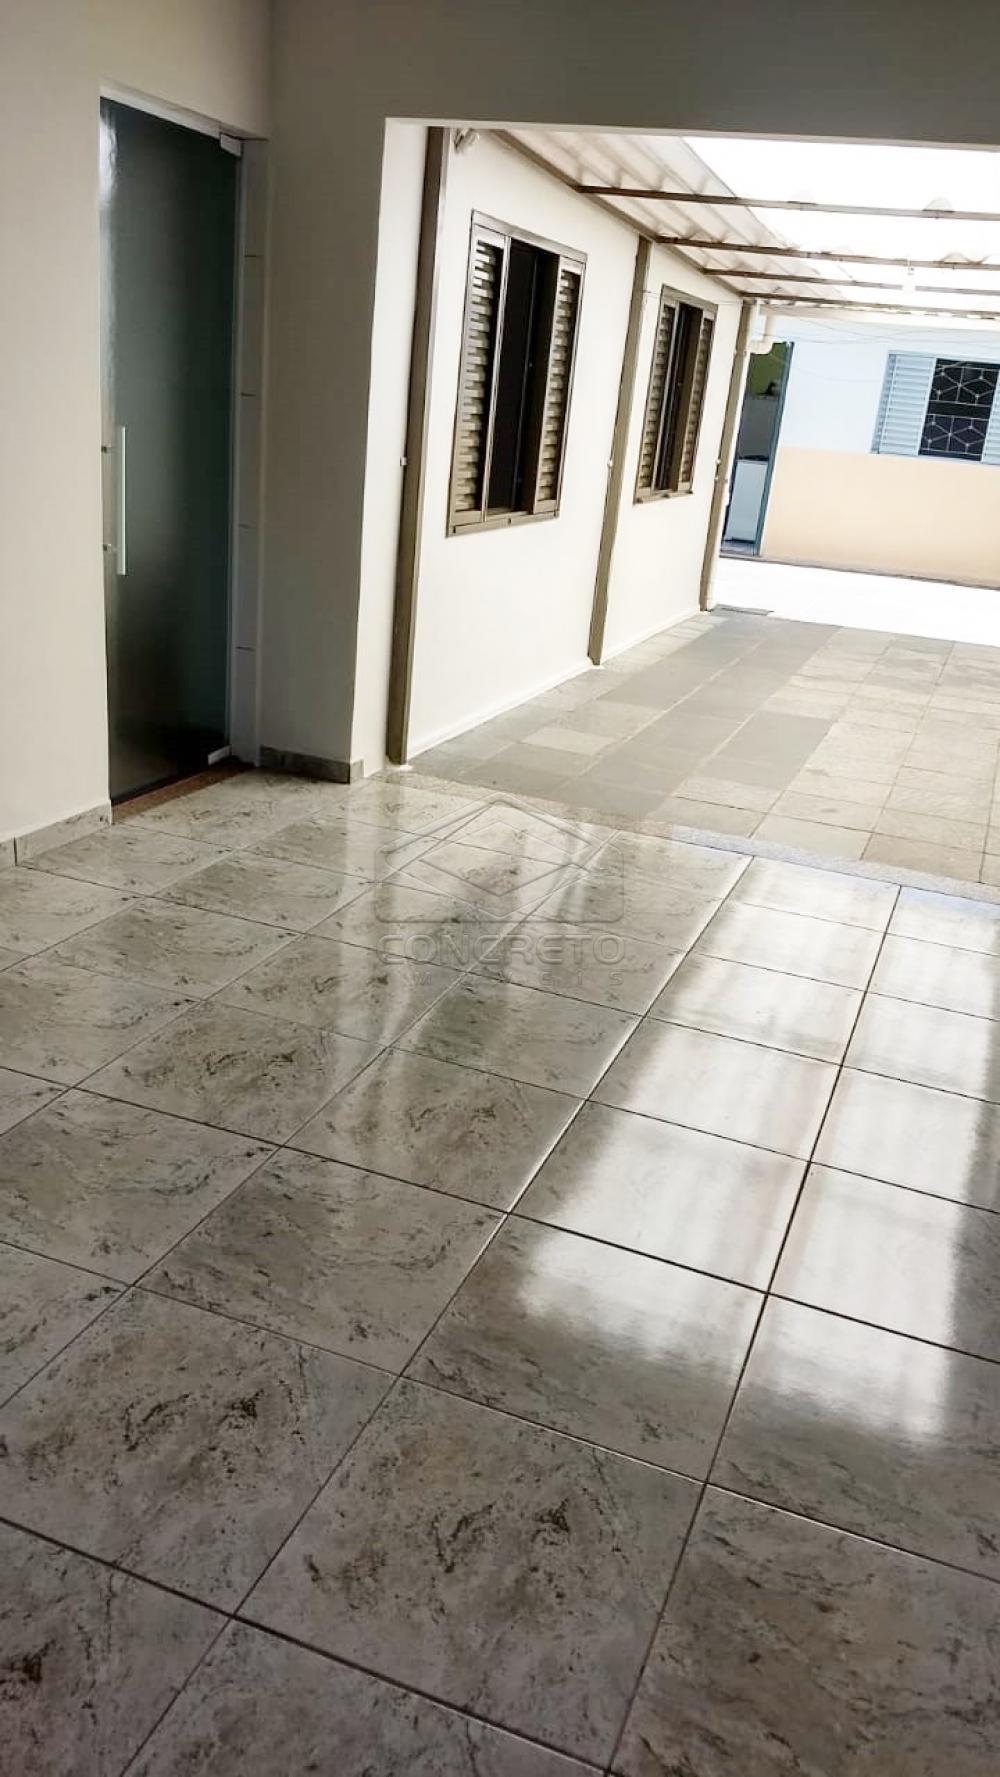 Comprar Casa / Residencia em Jaú apenas R$ 305.000,00 - Foto 4